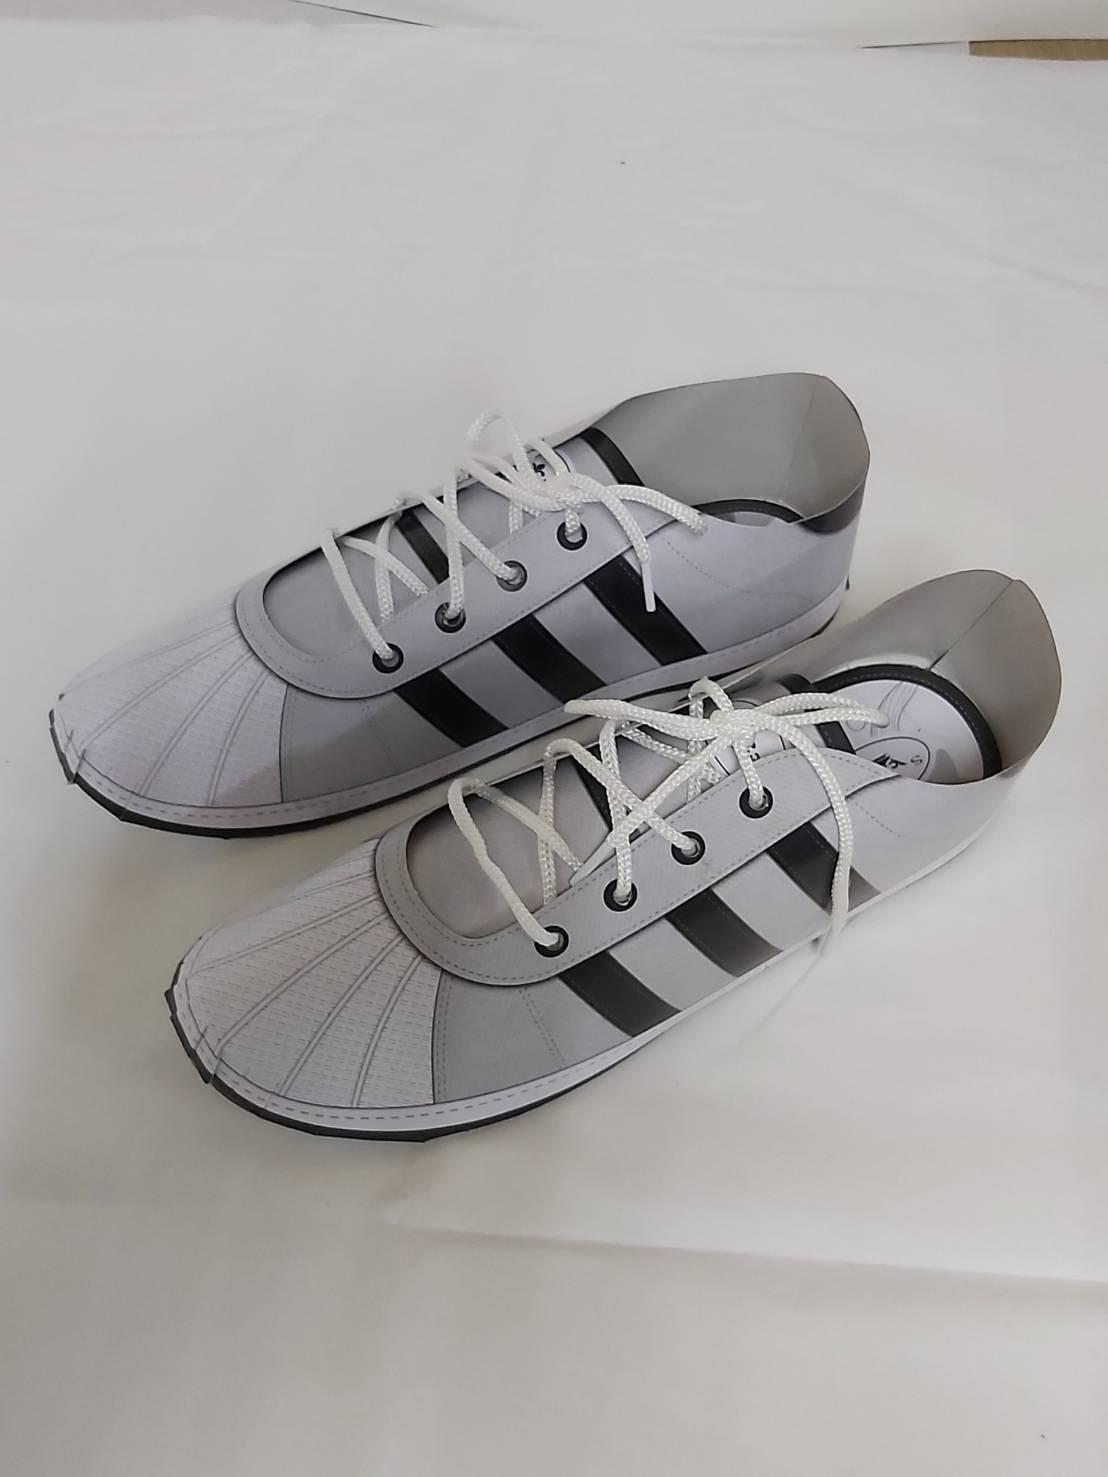 台製-運動鞋-黑色。收藏品與藝術品人氣店家紙紮怪傑的 鞋子有最棒的商品。快到日本NO.1的Rakuten樂天市場的安全環境中盡情網路購物,使用樂天信用卡選購優惠更划算!